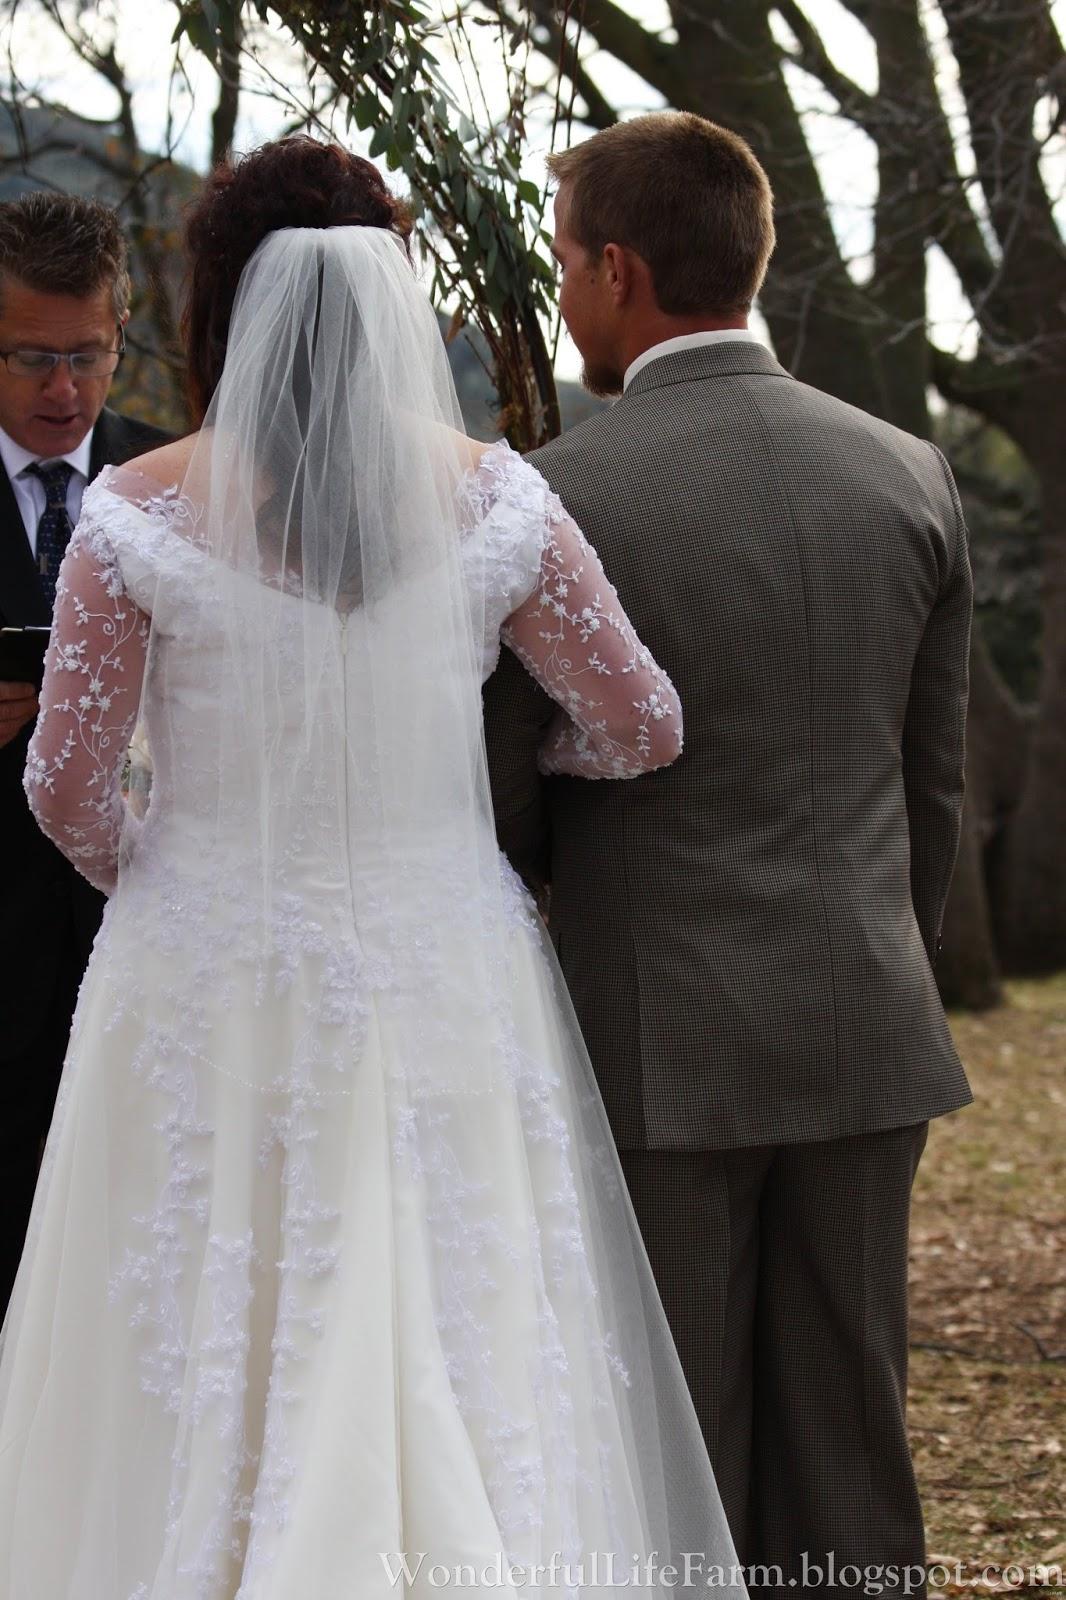 Wonderful life farm winter wedding in california for Winter weddings in california